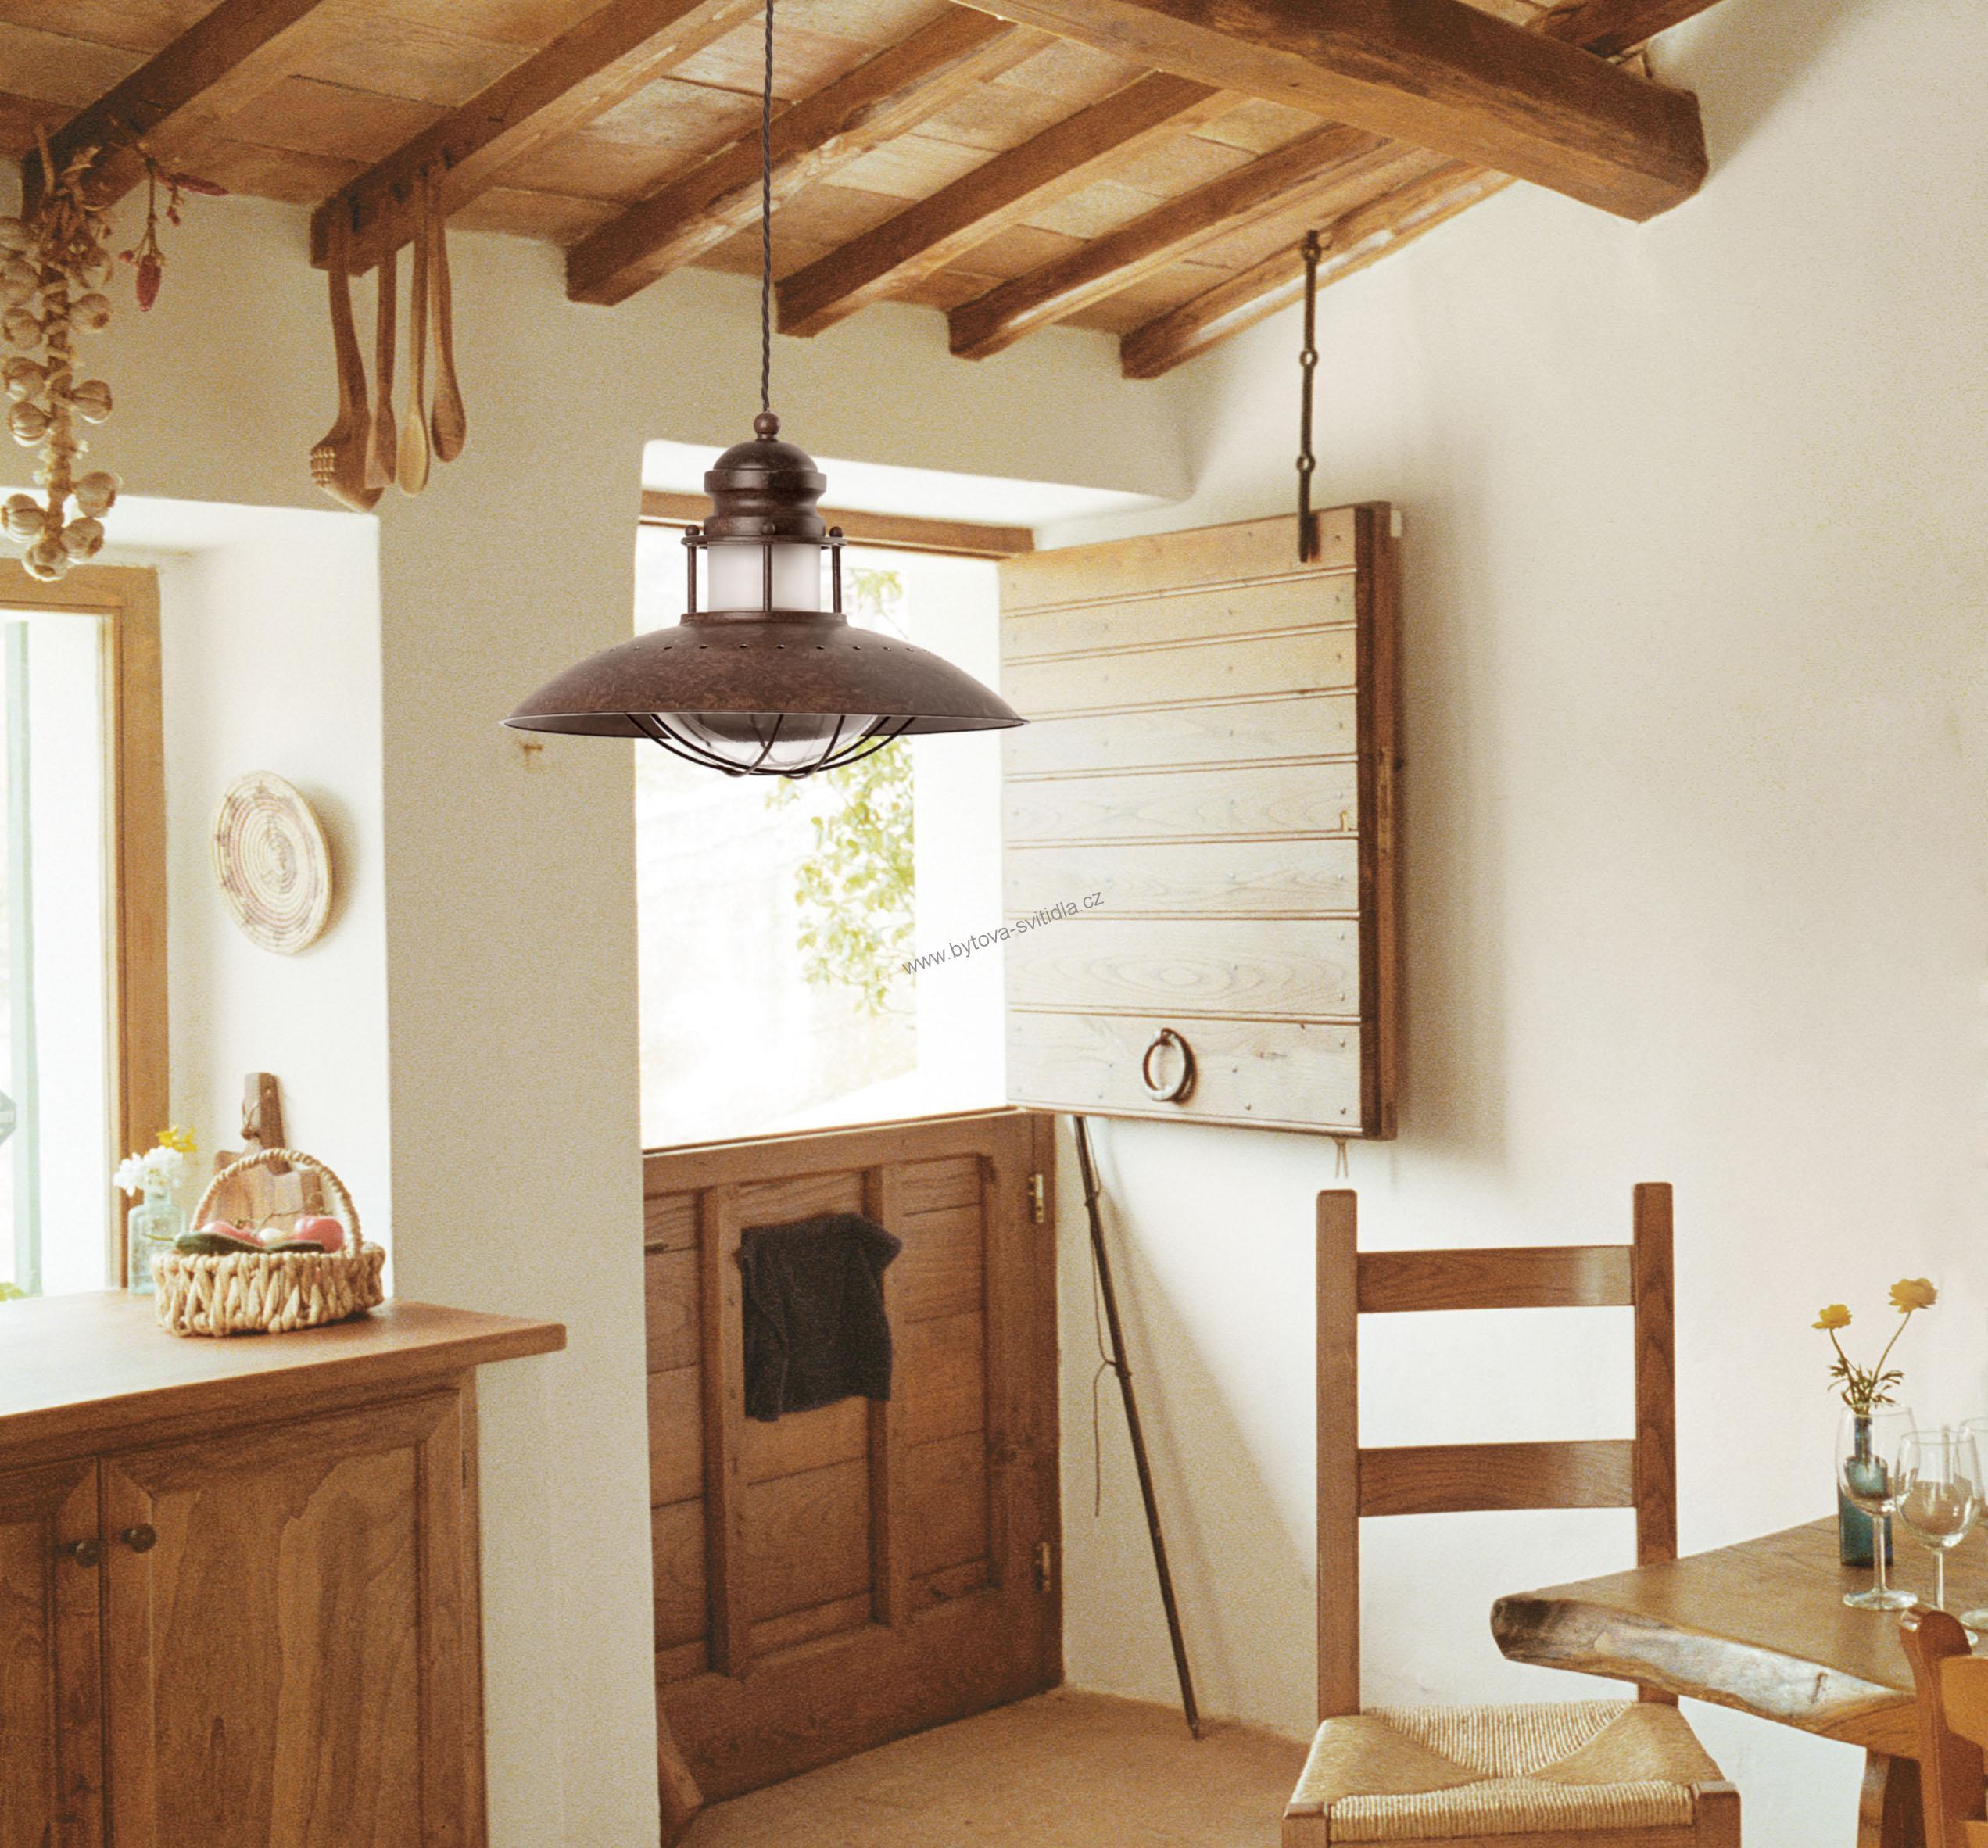 Faro 66204 winch retro z v sn lampa - Lamparas para cocinas rusticas ...